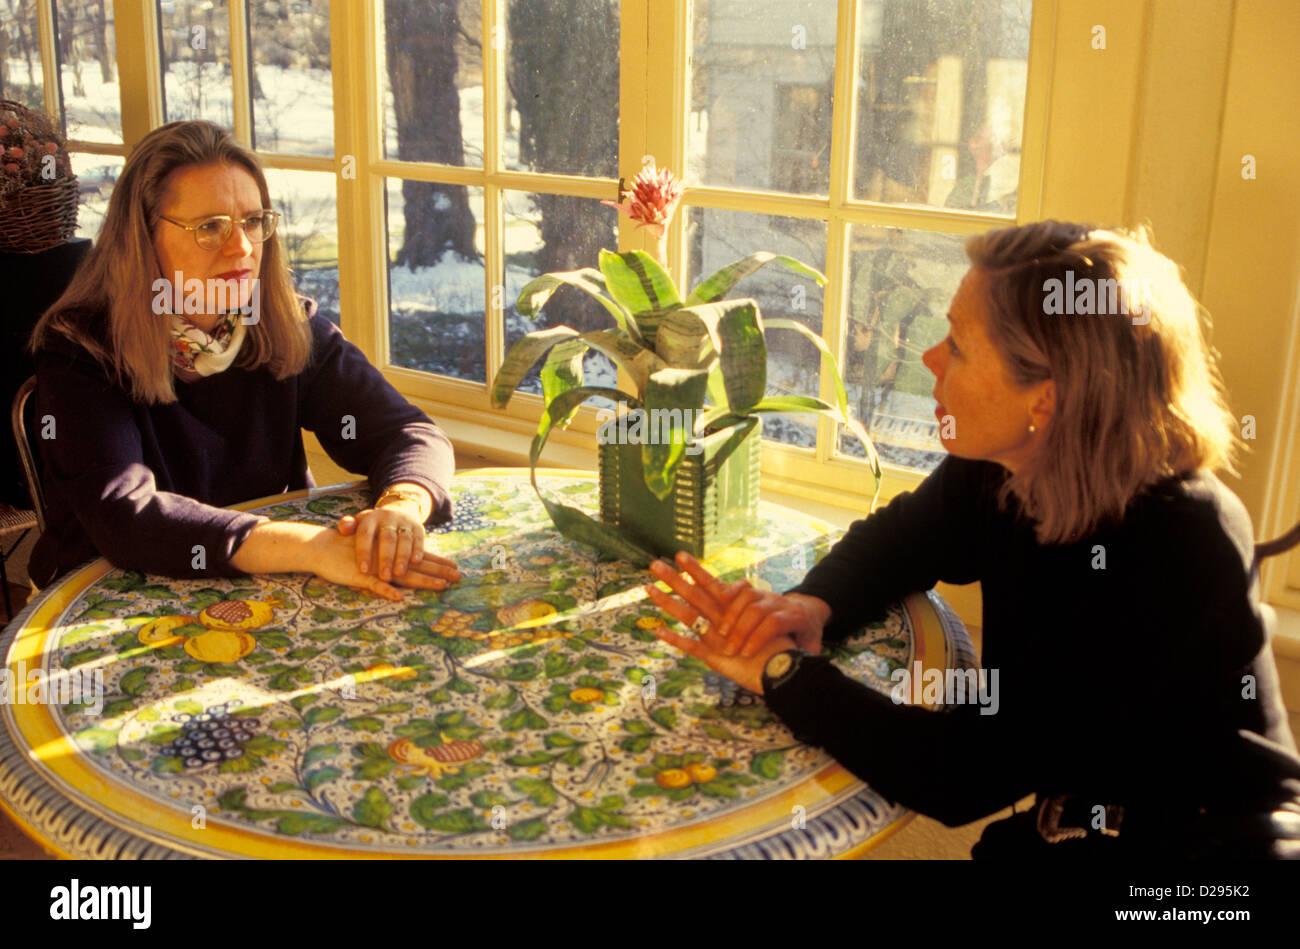 Deux amis (30 ans) converser à table Photo Stock